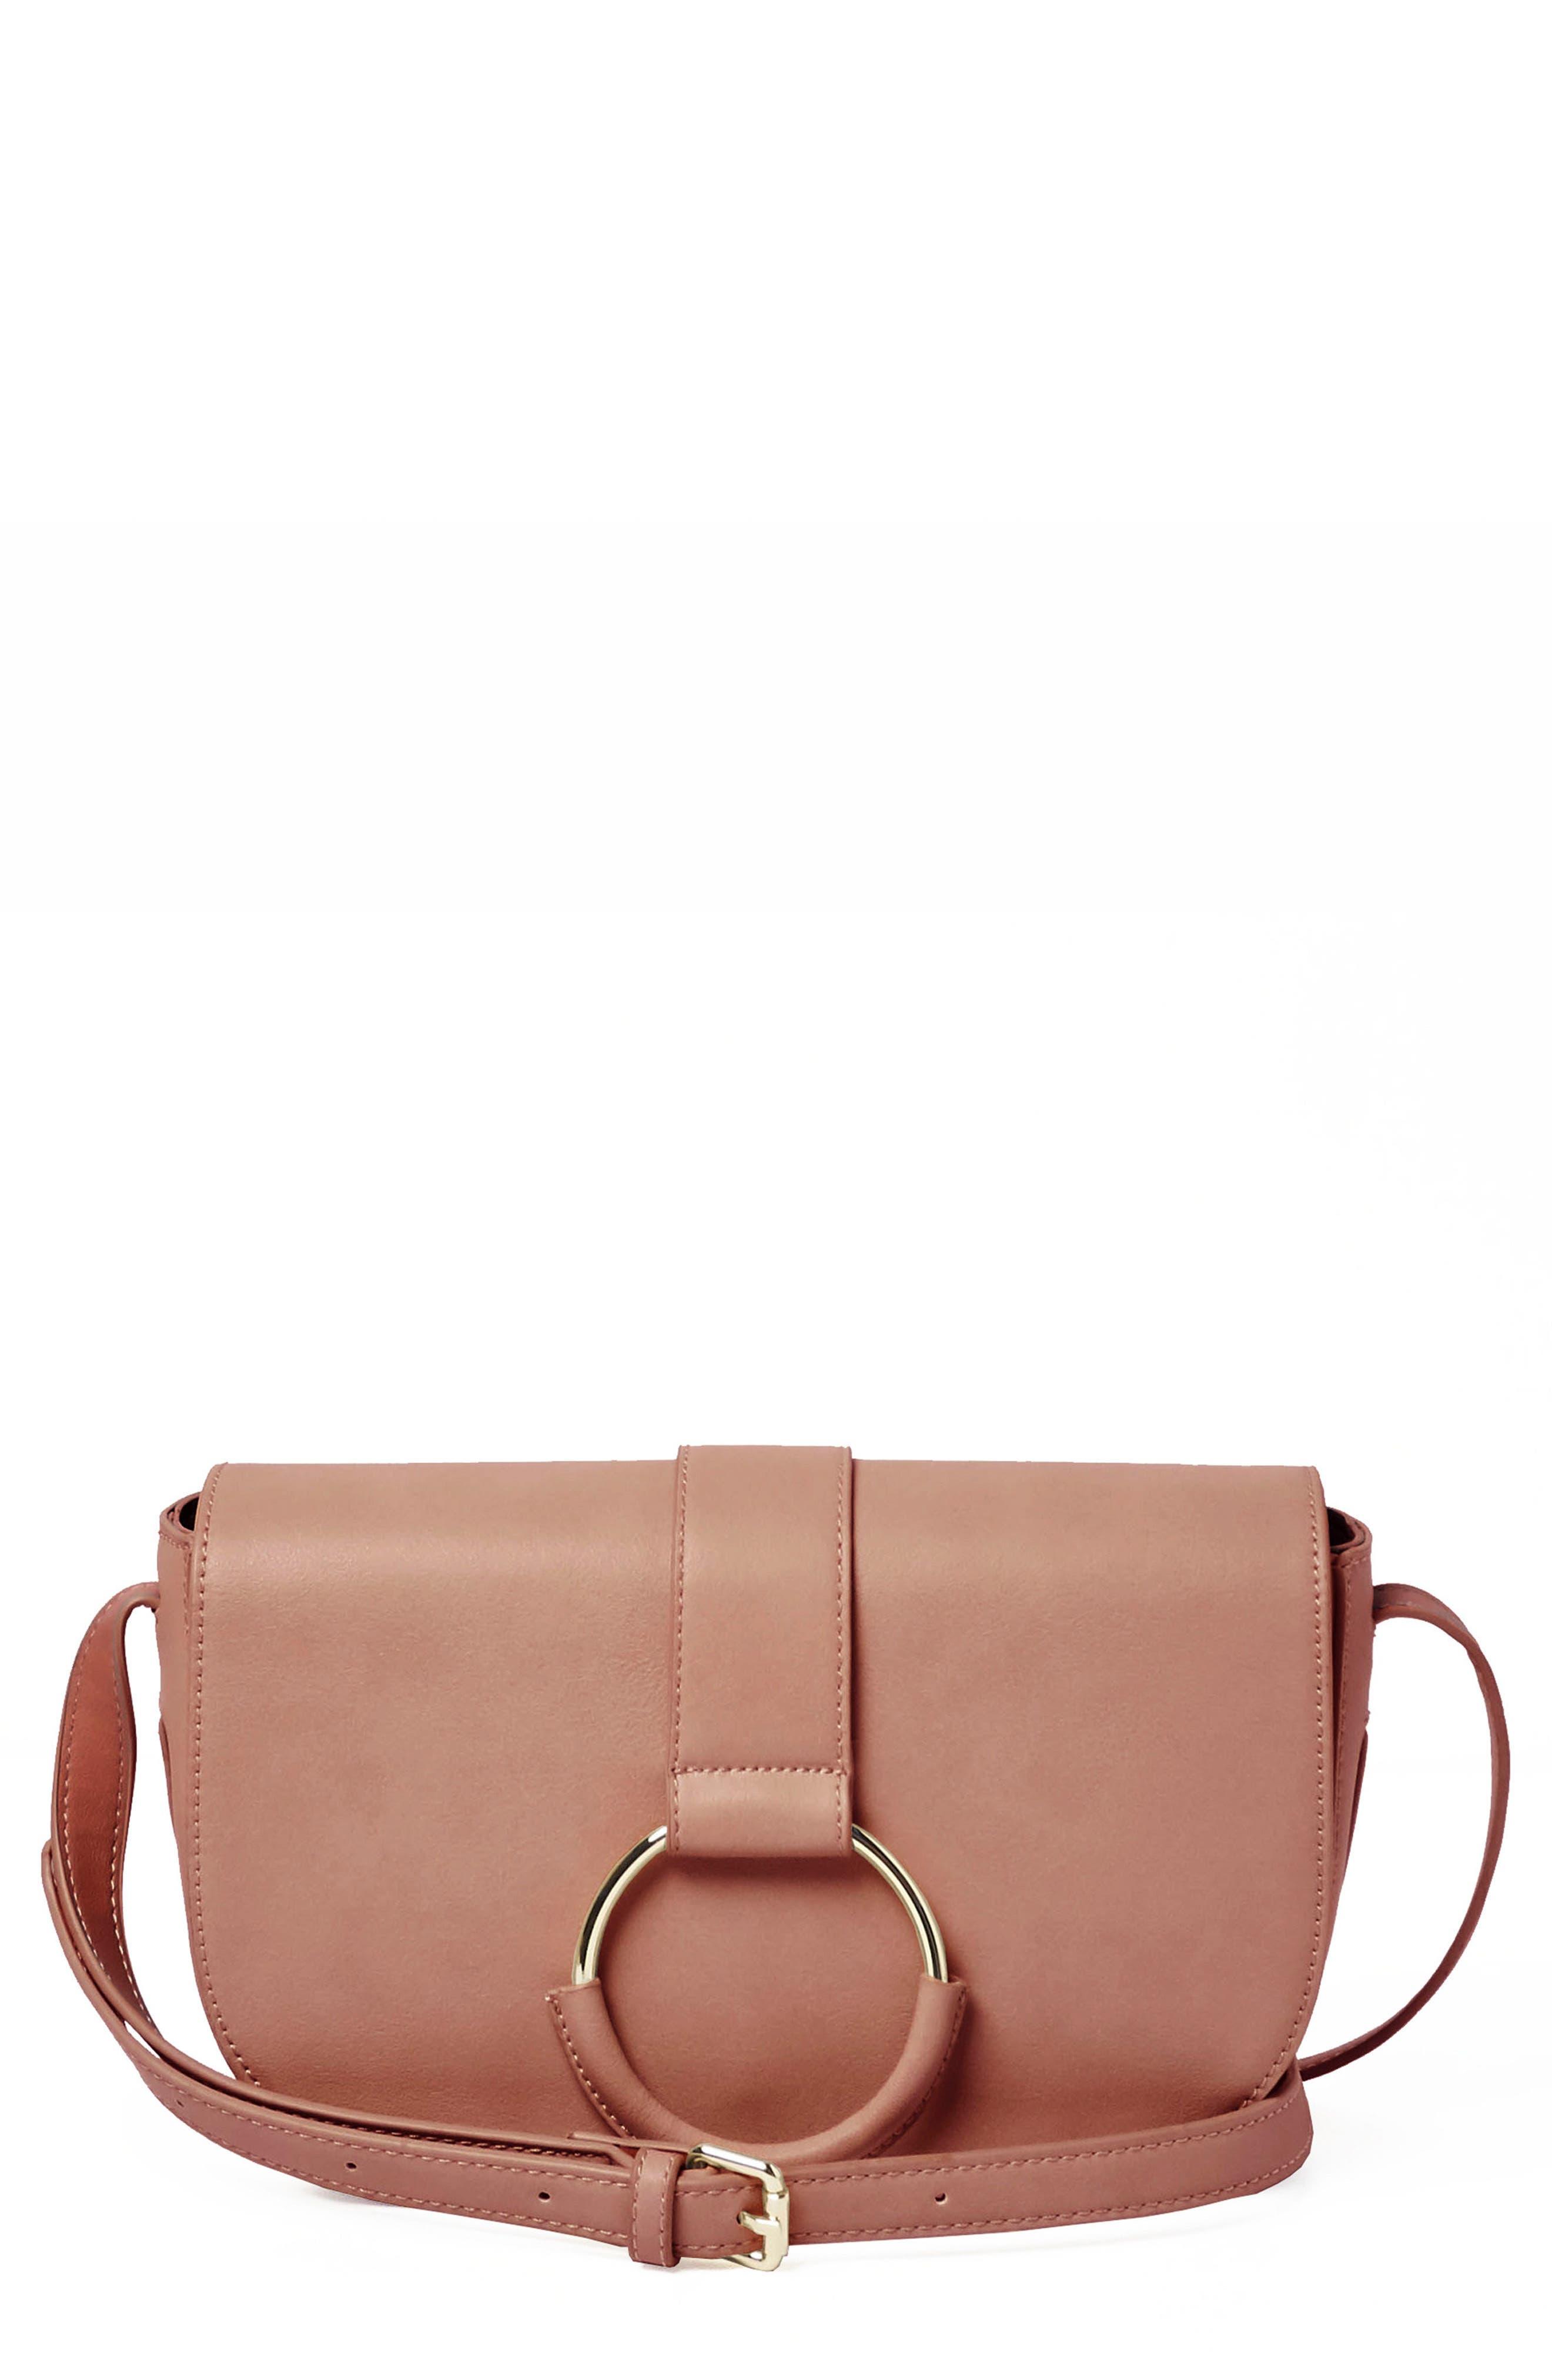 Lolita Vegan Leather Crossbody Bag,                         Main,                         color, Pink